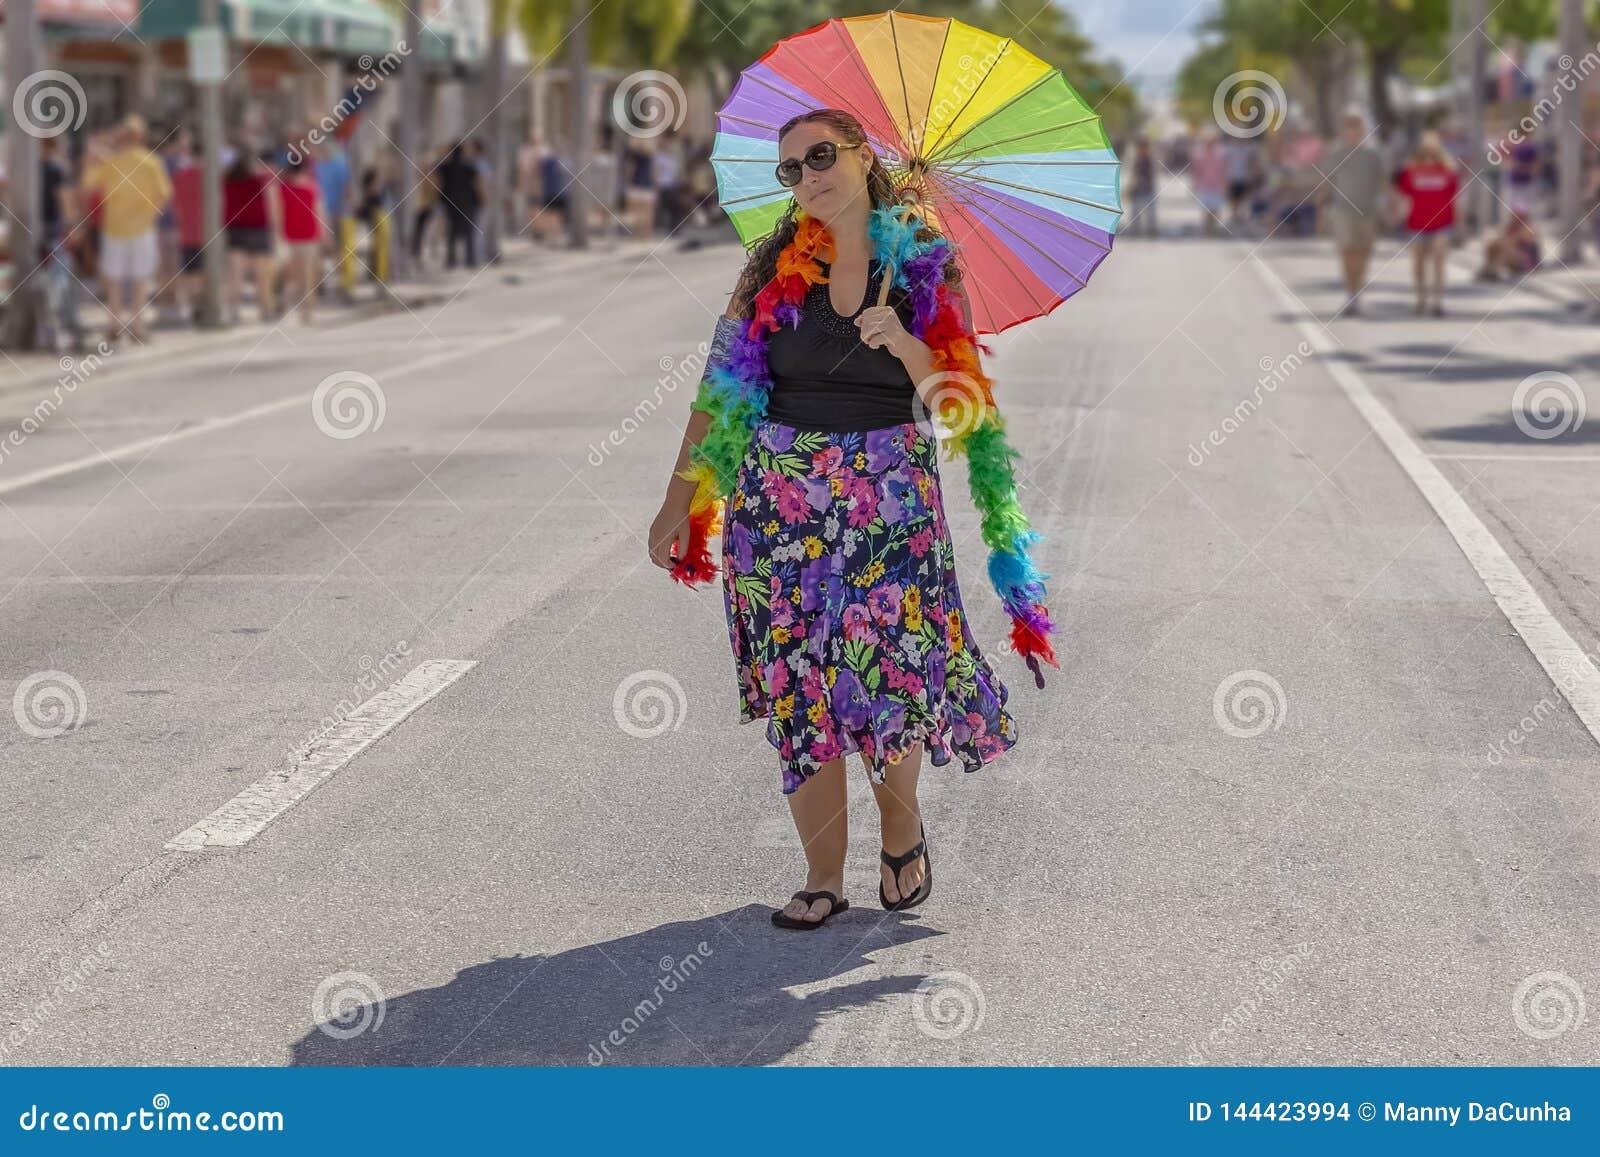 Valore del lago, Florida, U.S.A. 31 marzo 2019 prima, Palm Beach Pride Parade